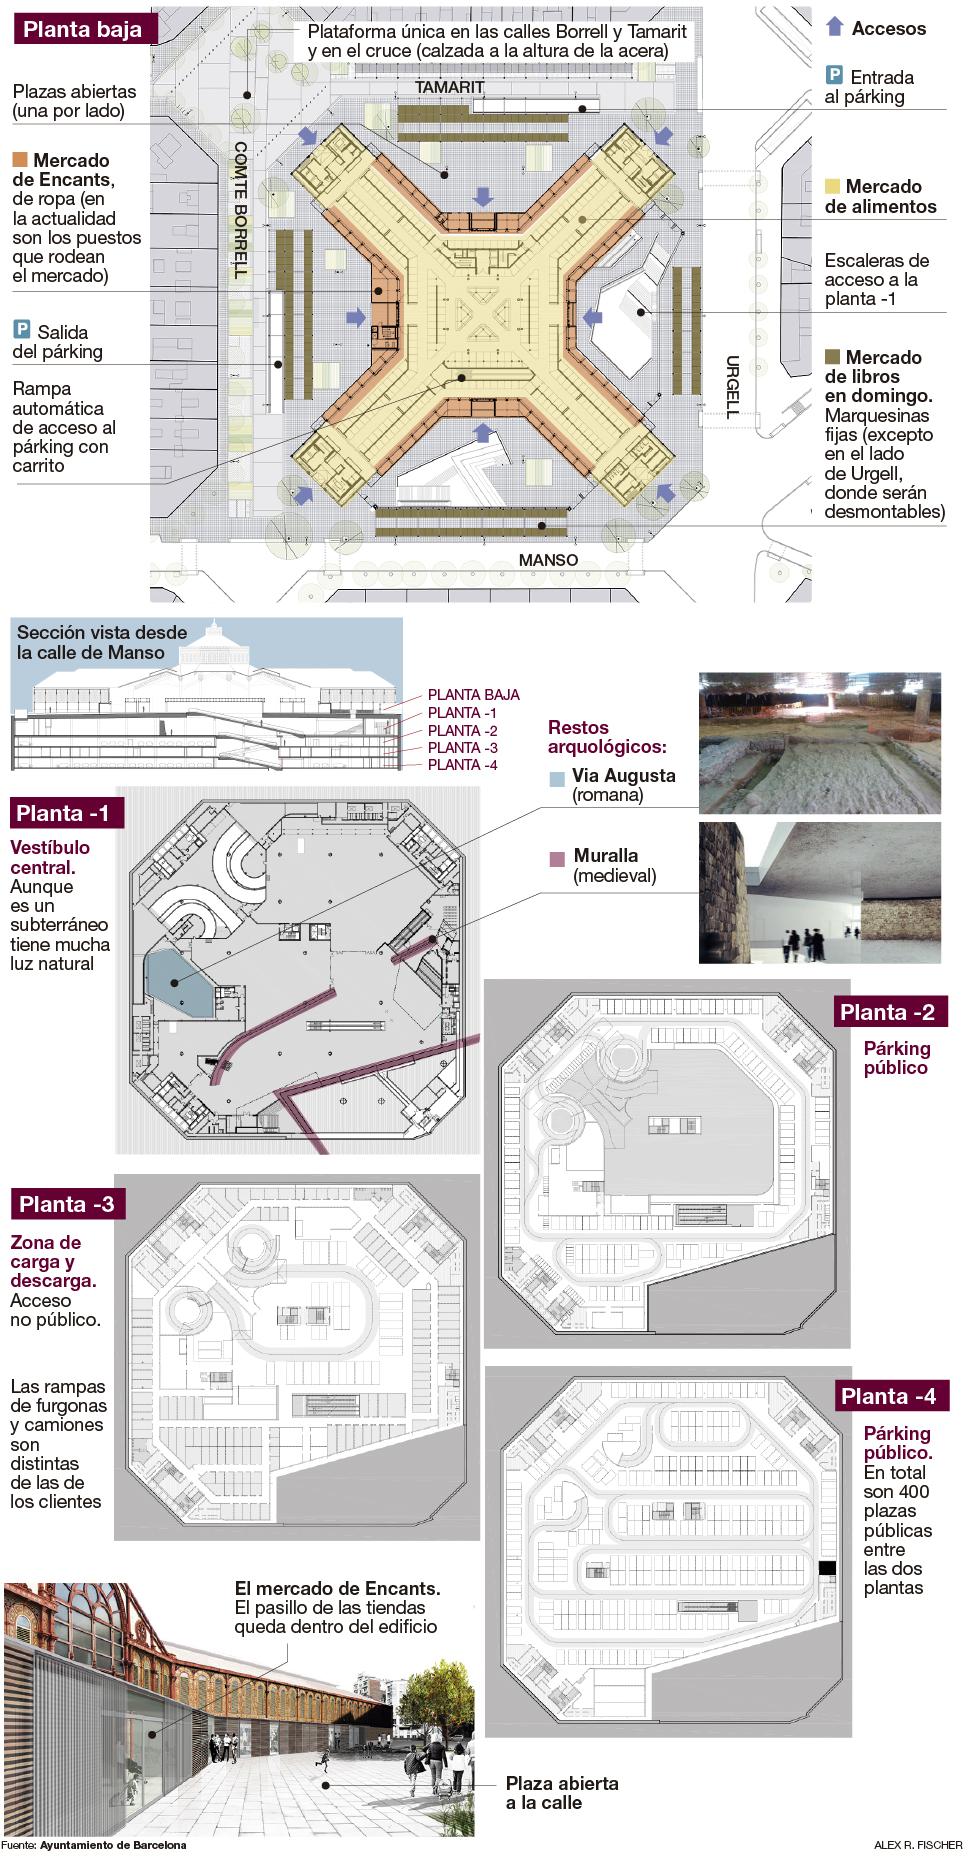 Gráfico del futuro mercado de Sant Antoni